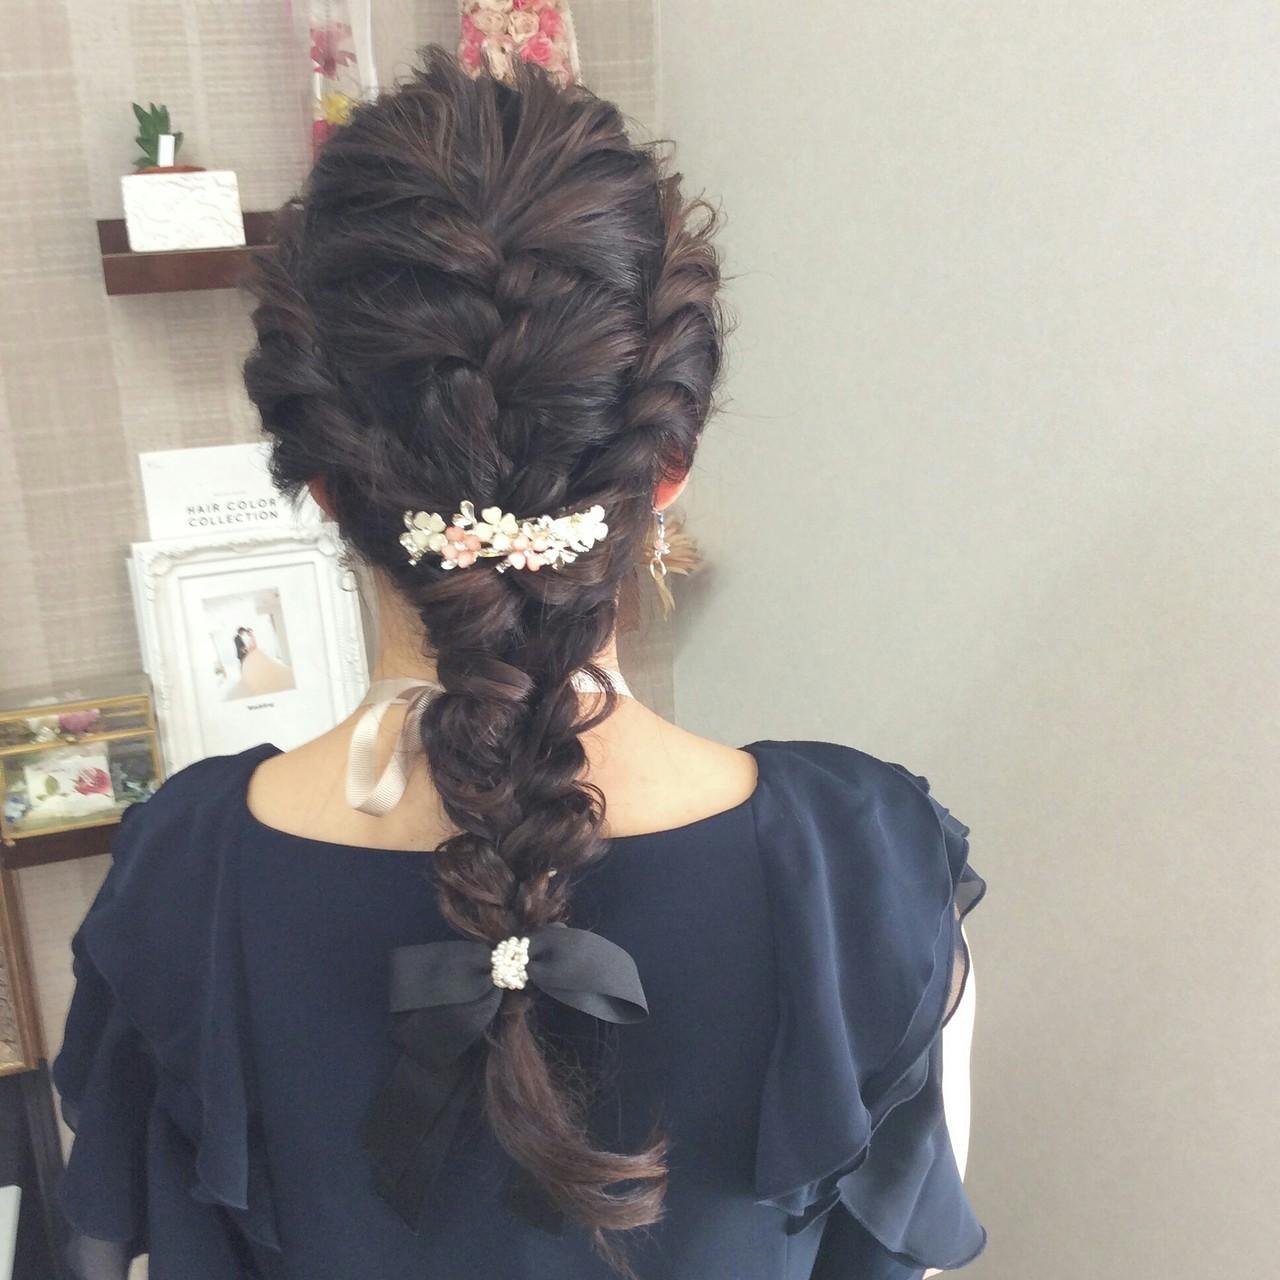 ロング ナチュラル 編み込み 結婚式 ヘアスタイルや髪型の写真・画像 | rumiLINKS美容室 / リンクス美容室